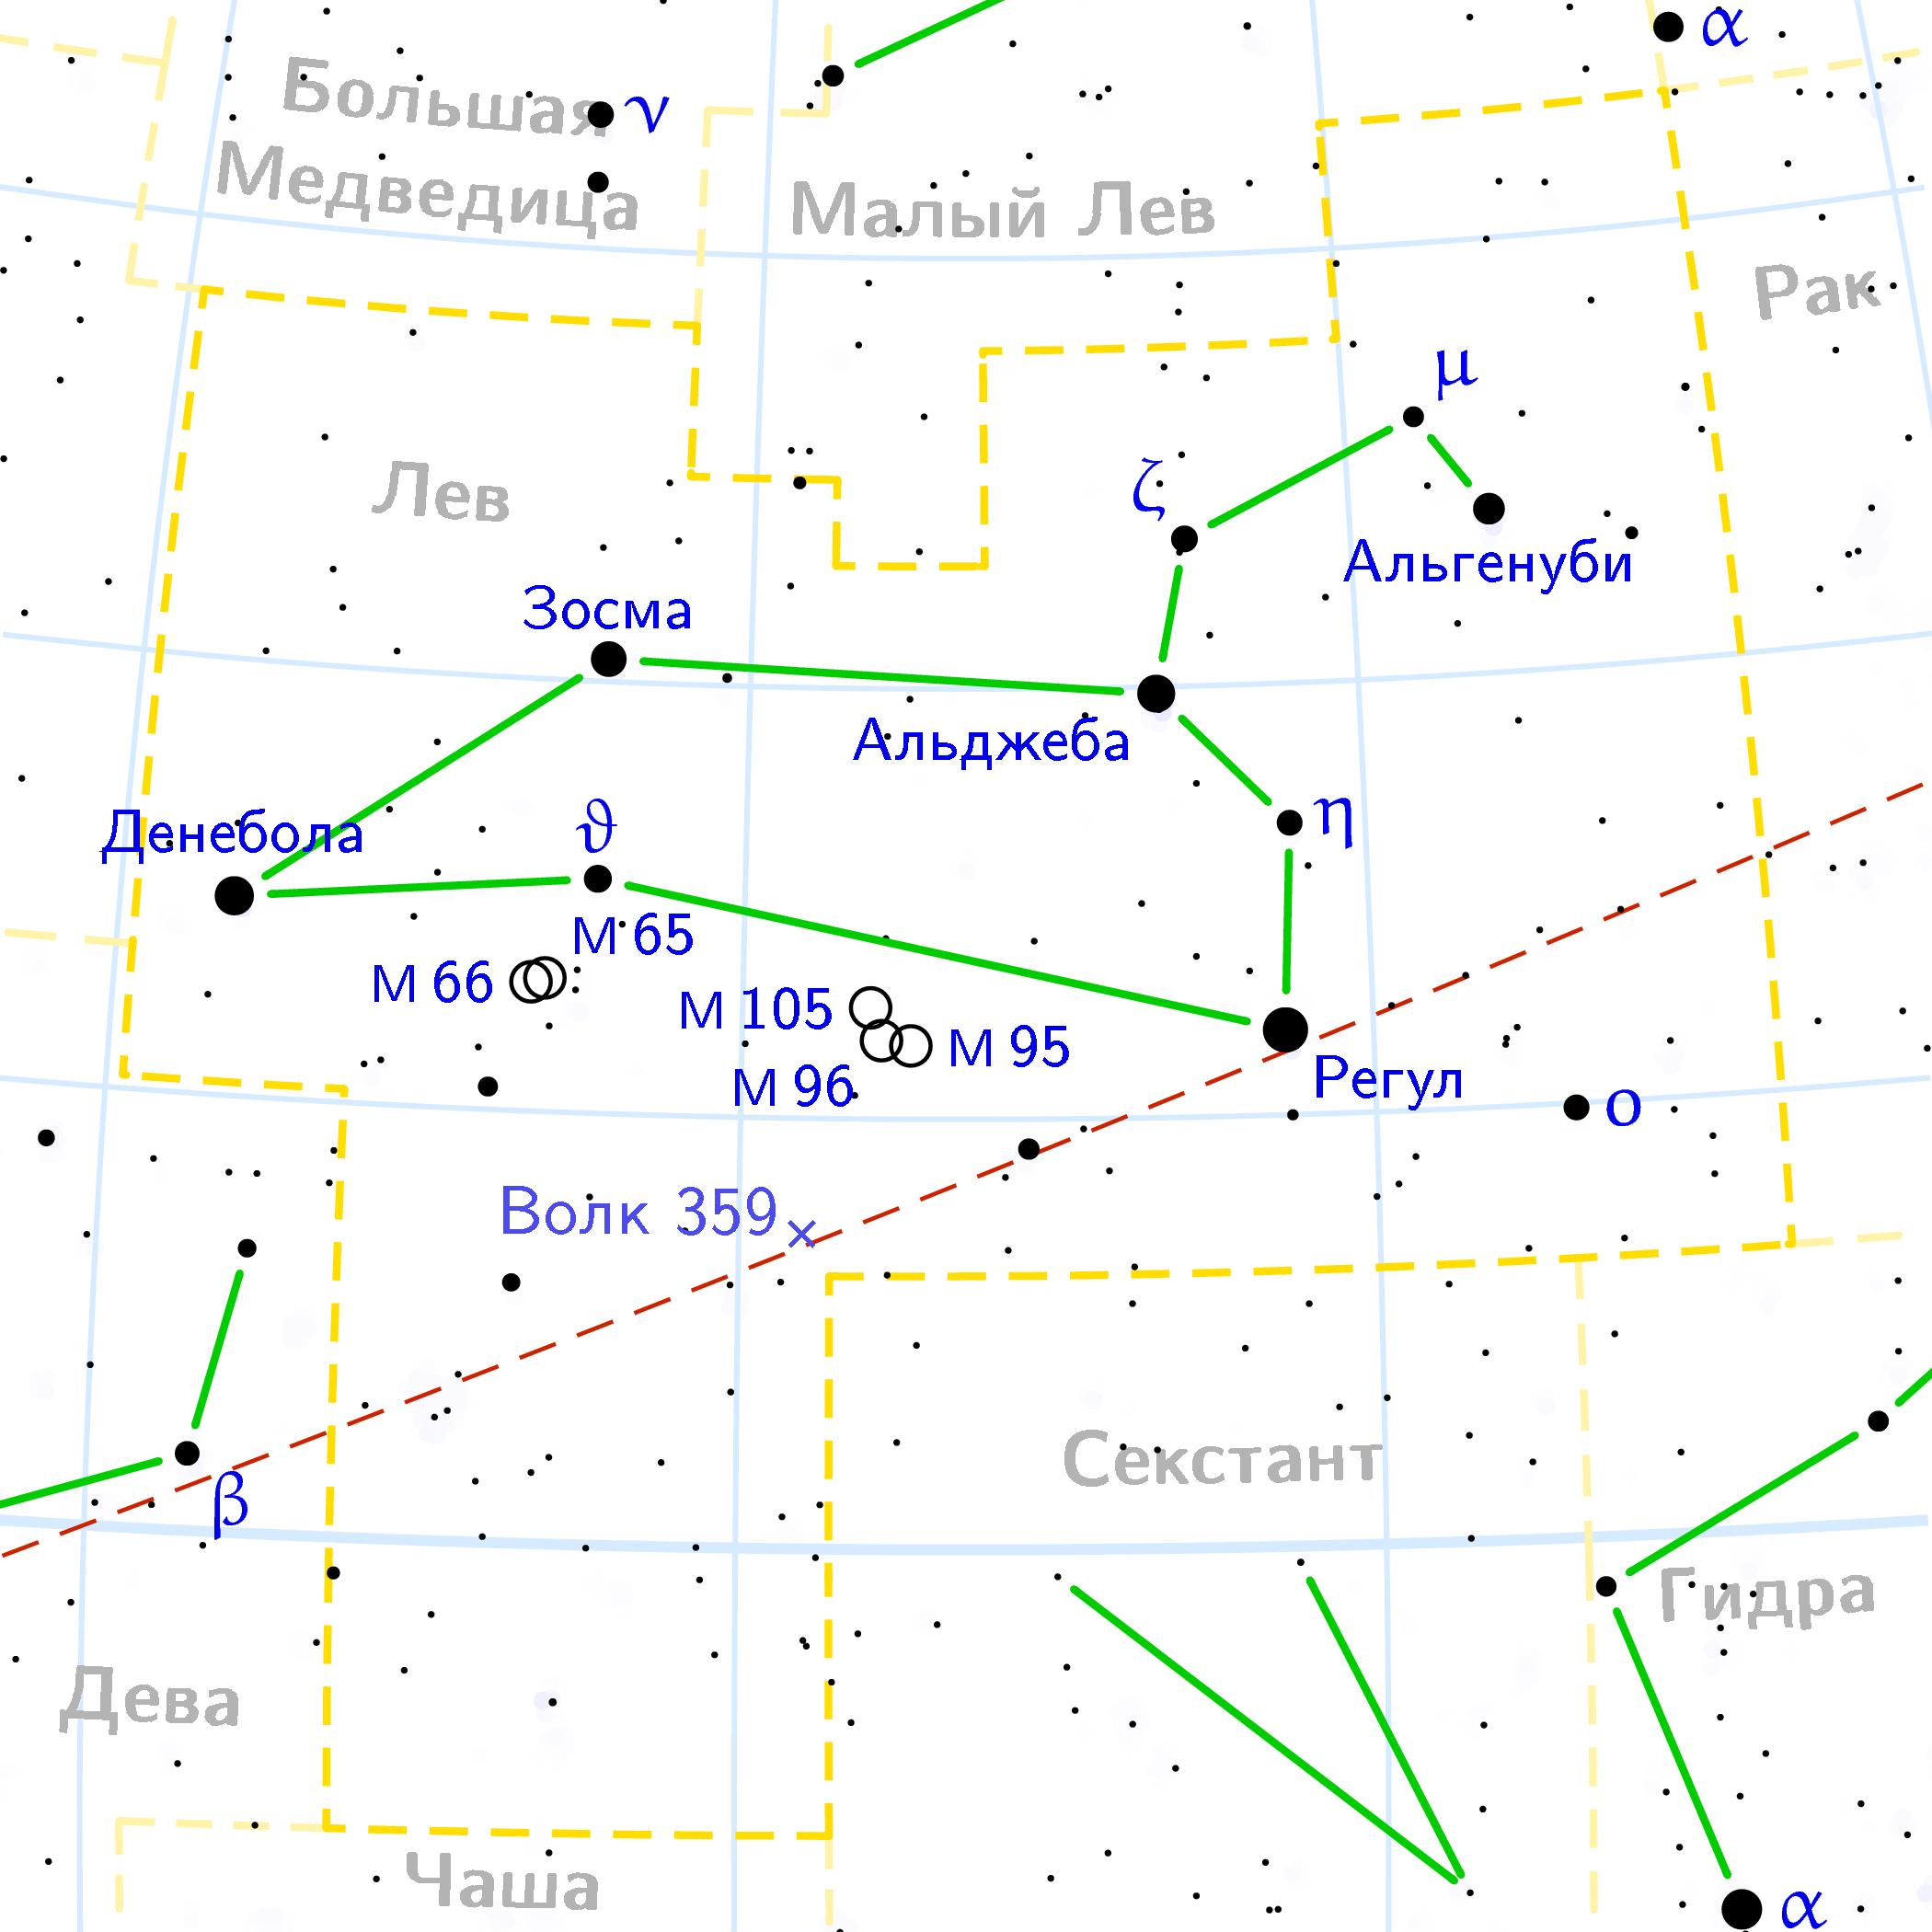 Созвездие Льва, включающее астеризм Серп